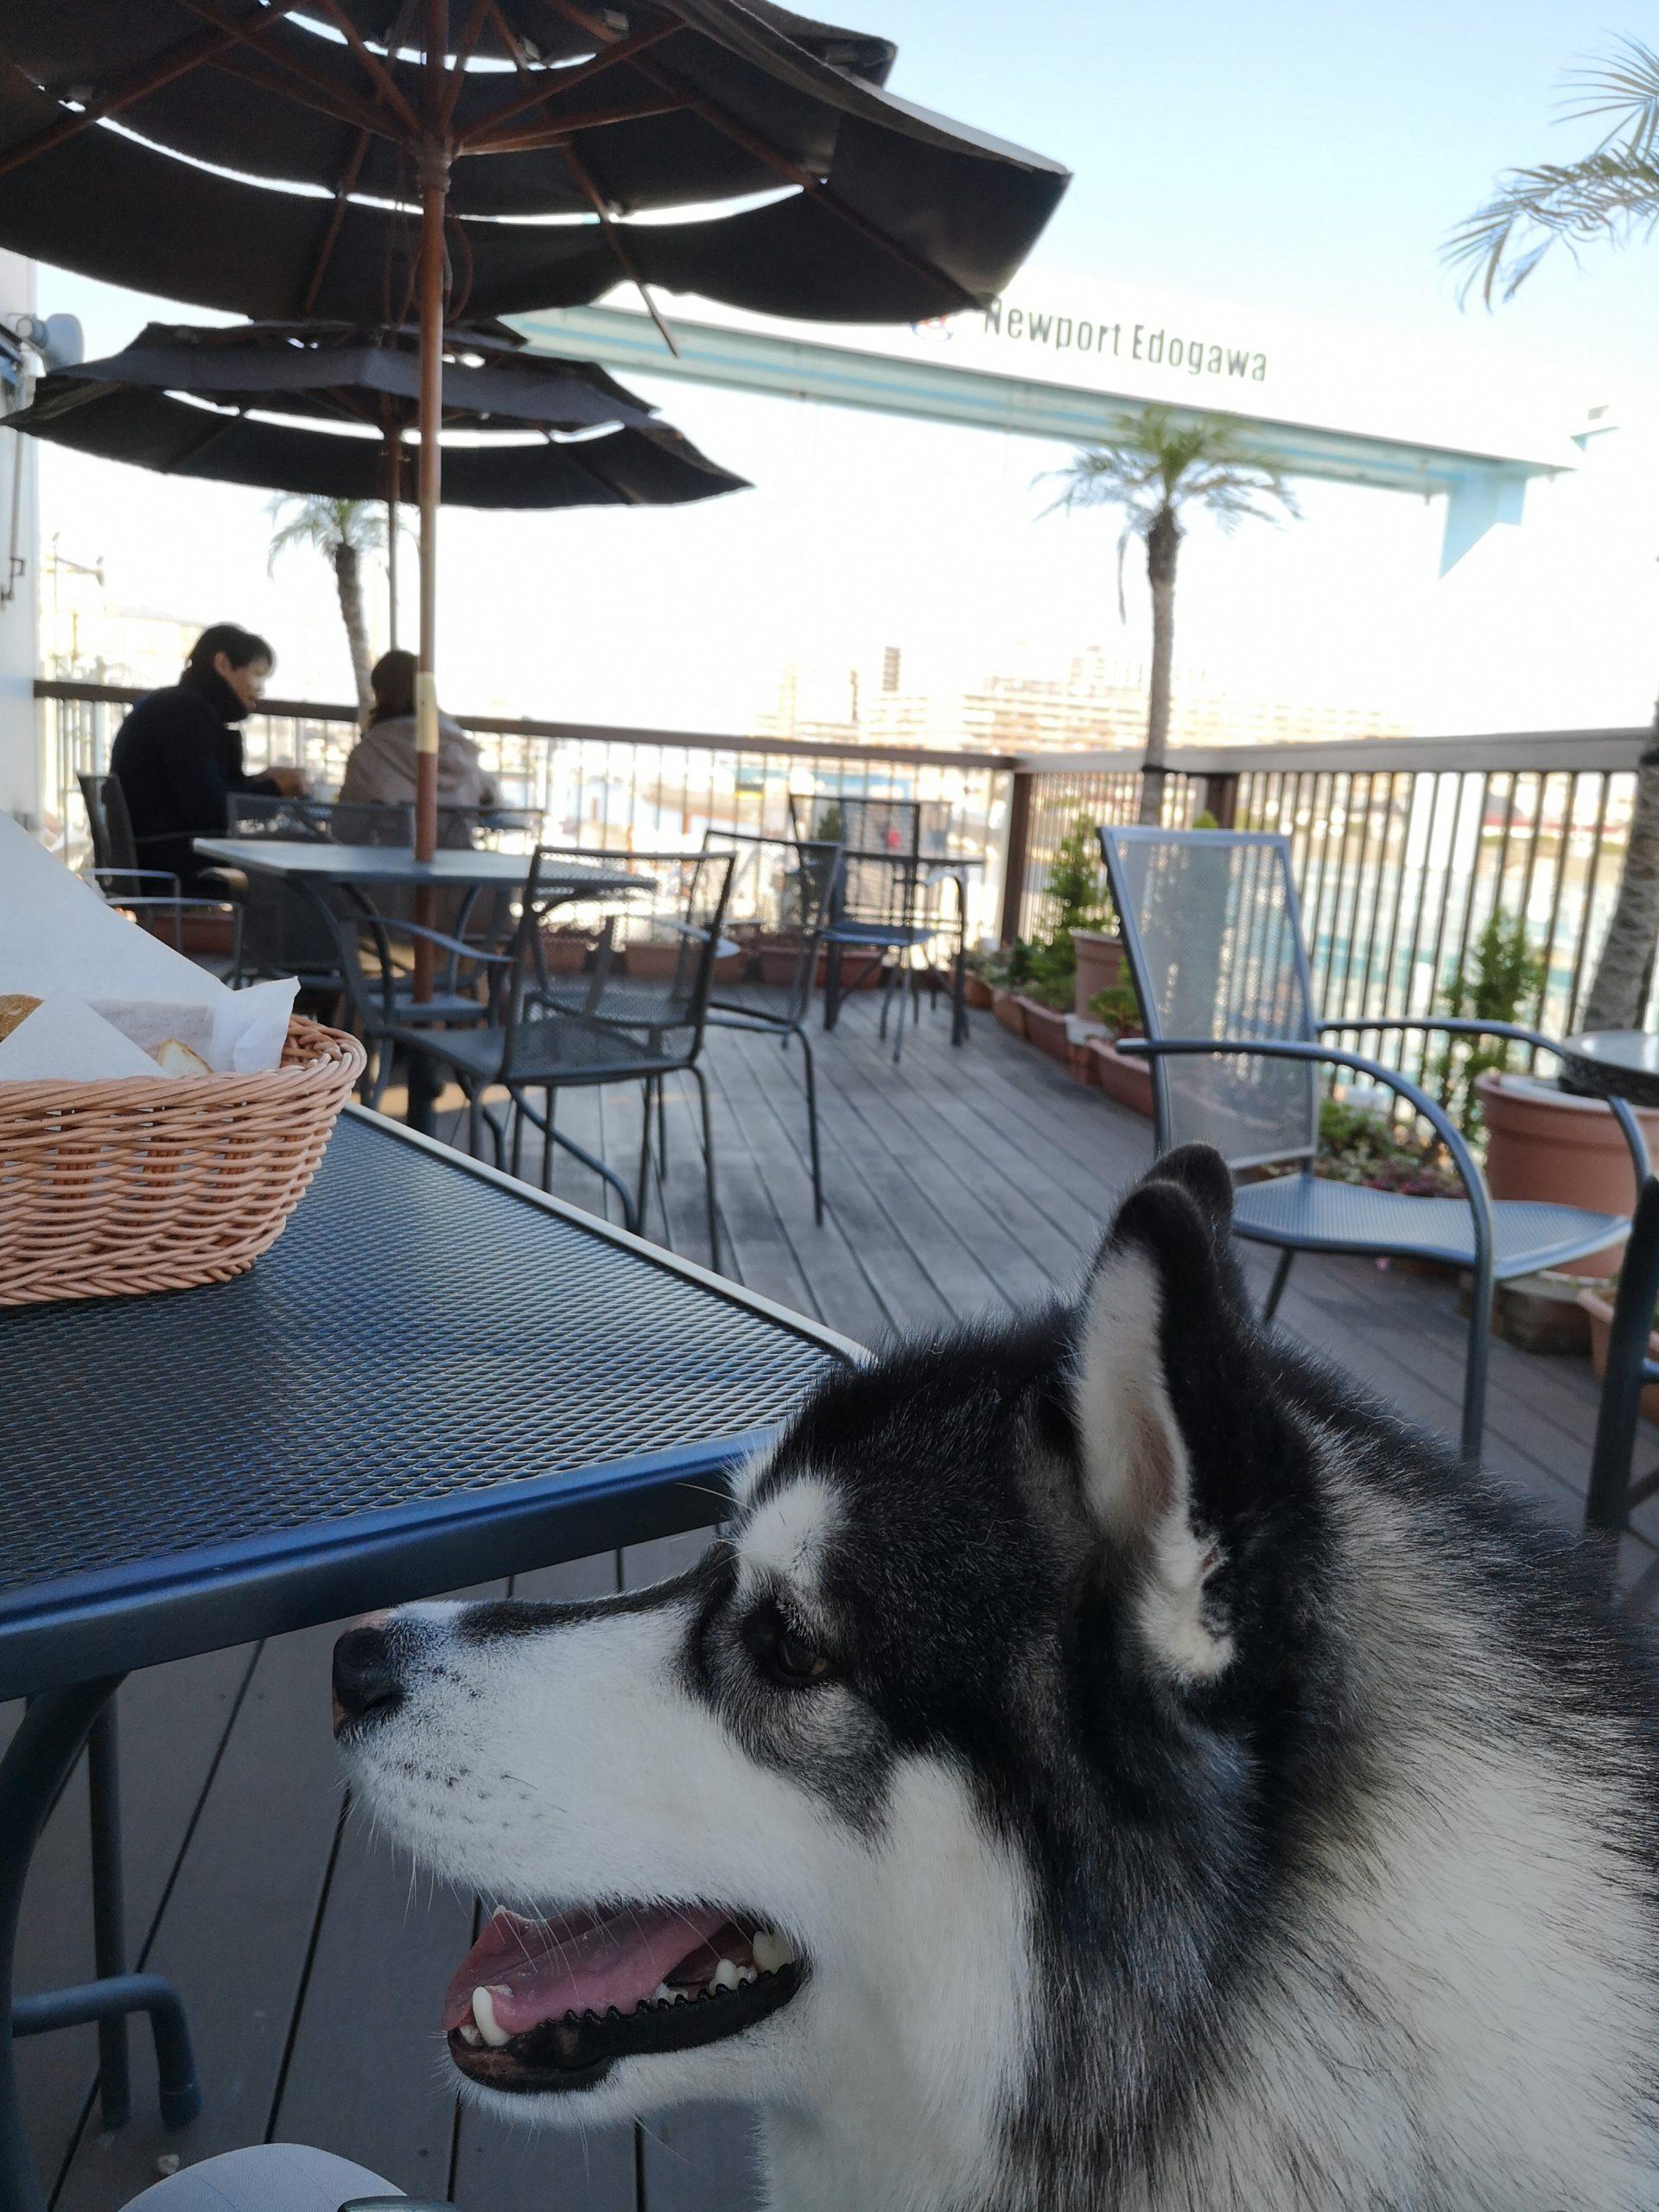 【愛犬とゲレンデ滑走!】野沢温泉スキー場